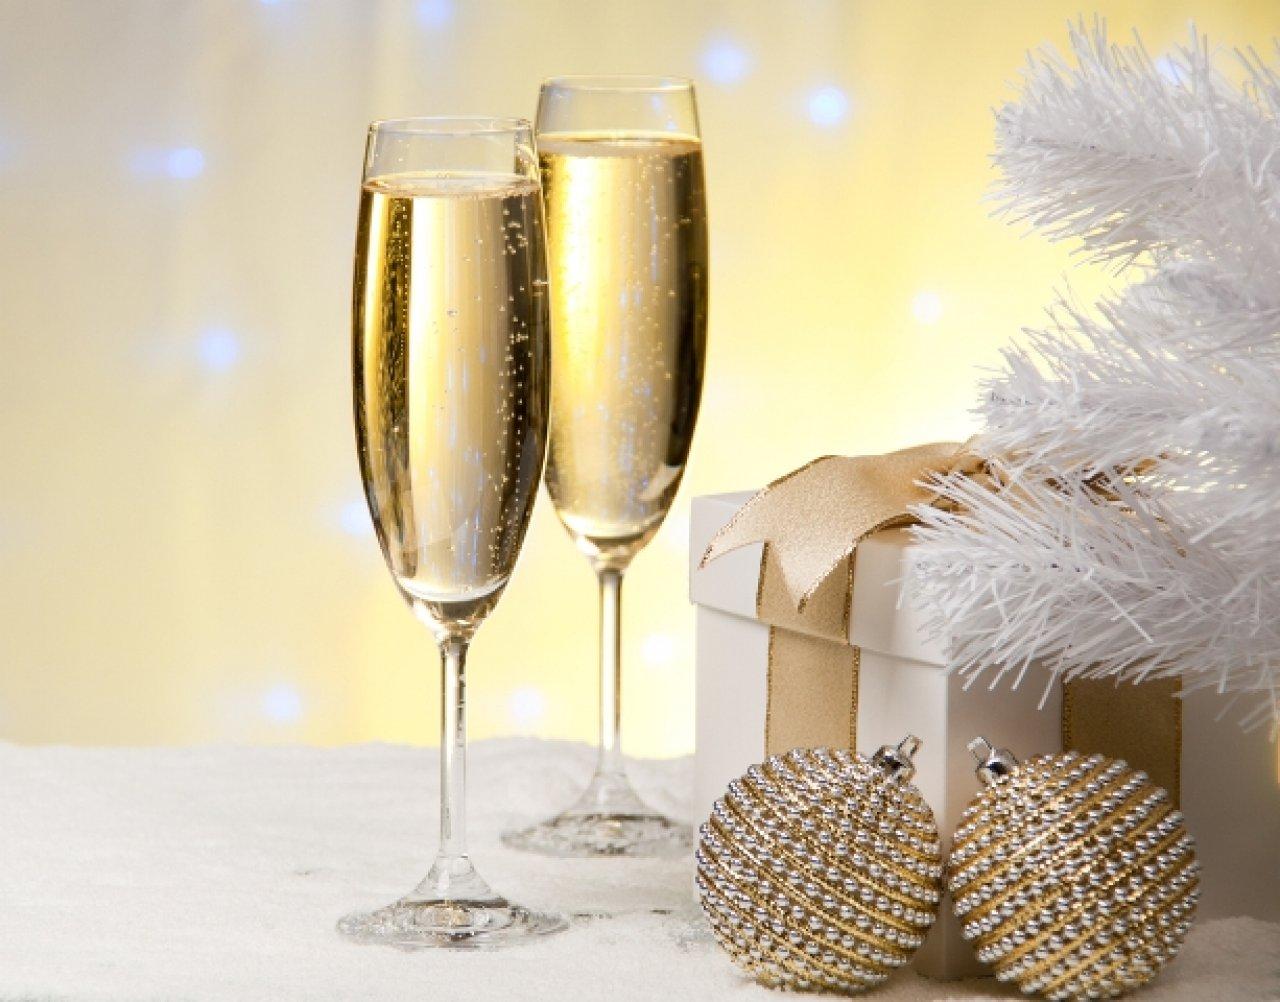 Над созданием шампанского работали виноделы и химики